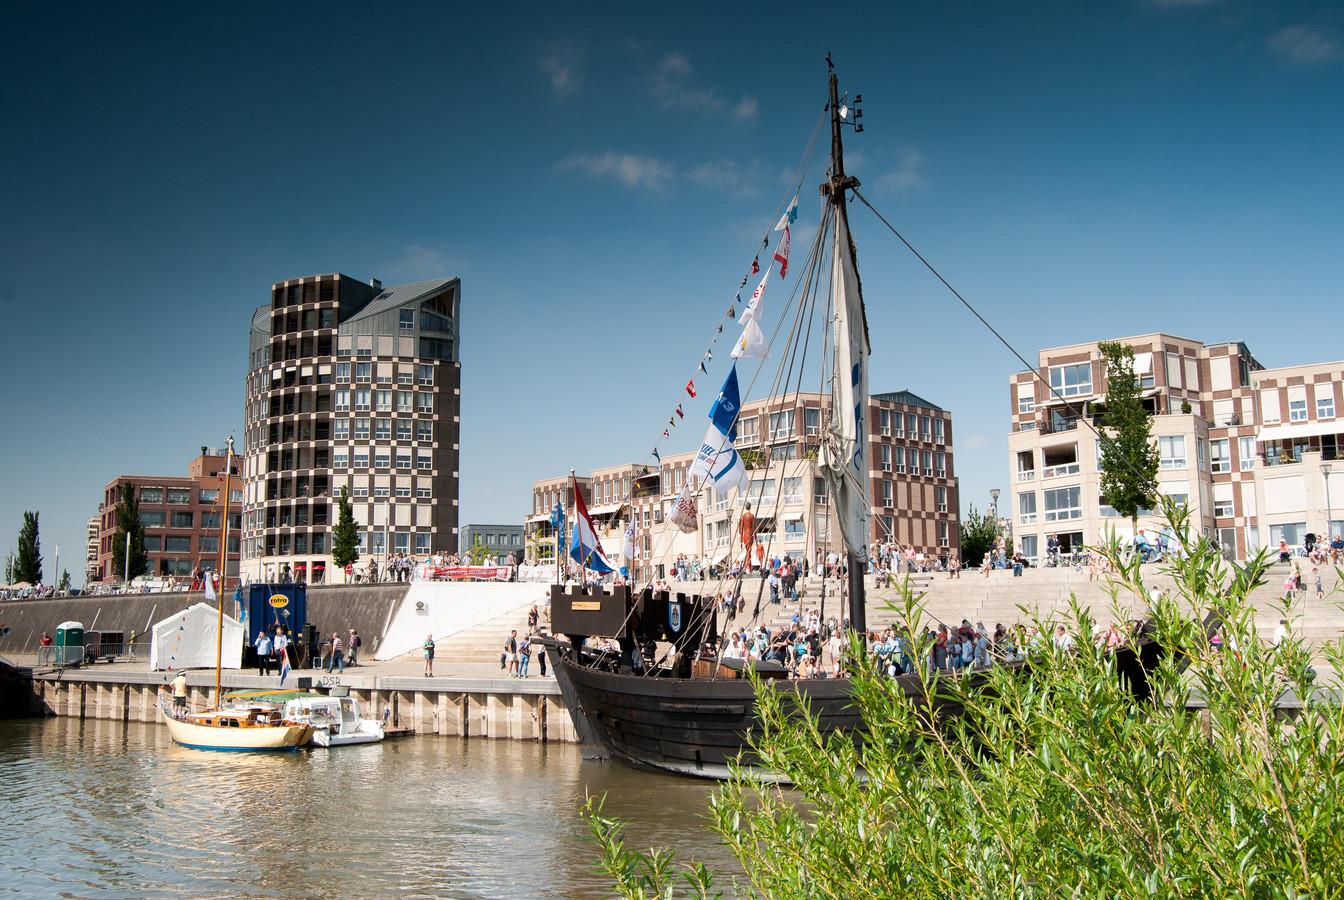 De IJsselkade met een historisch vaartuig in Doesburg.